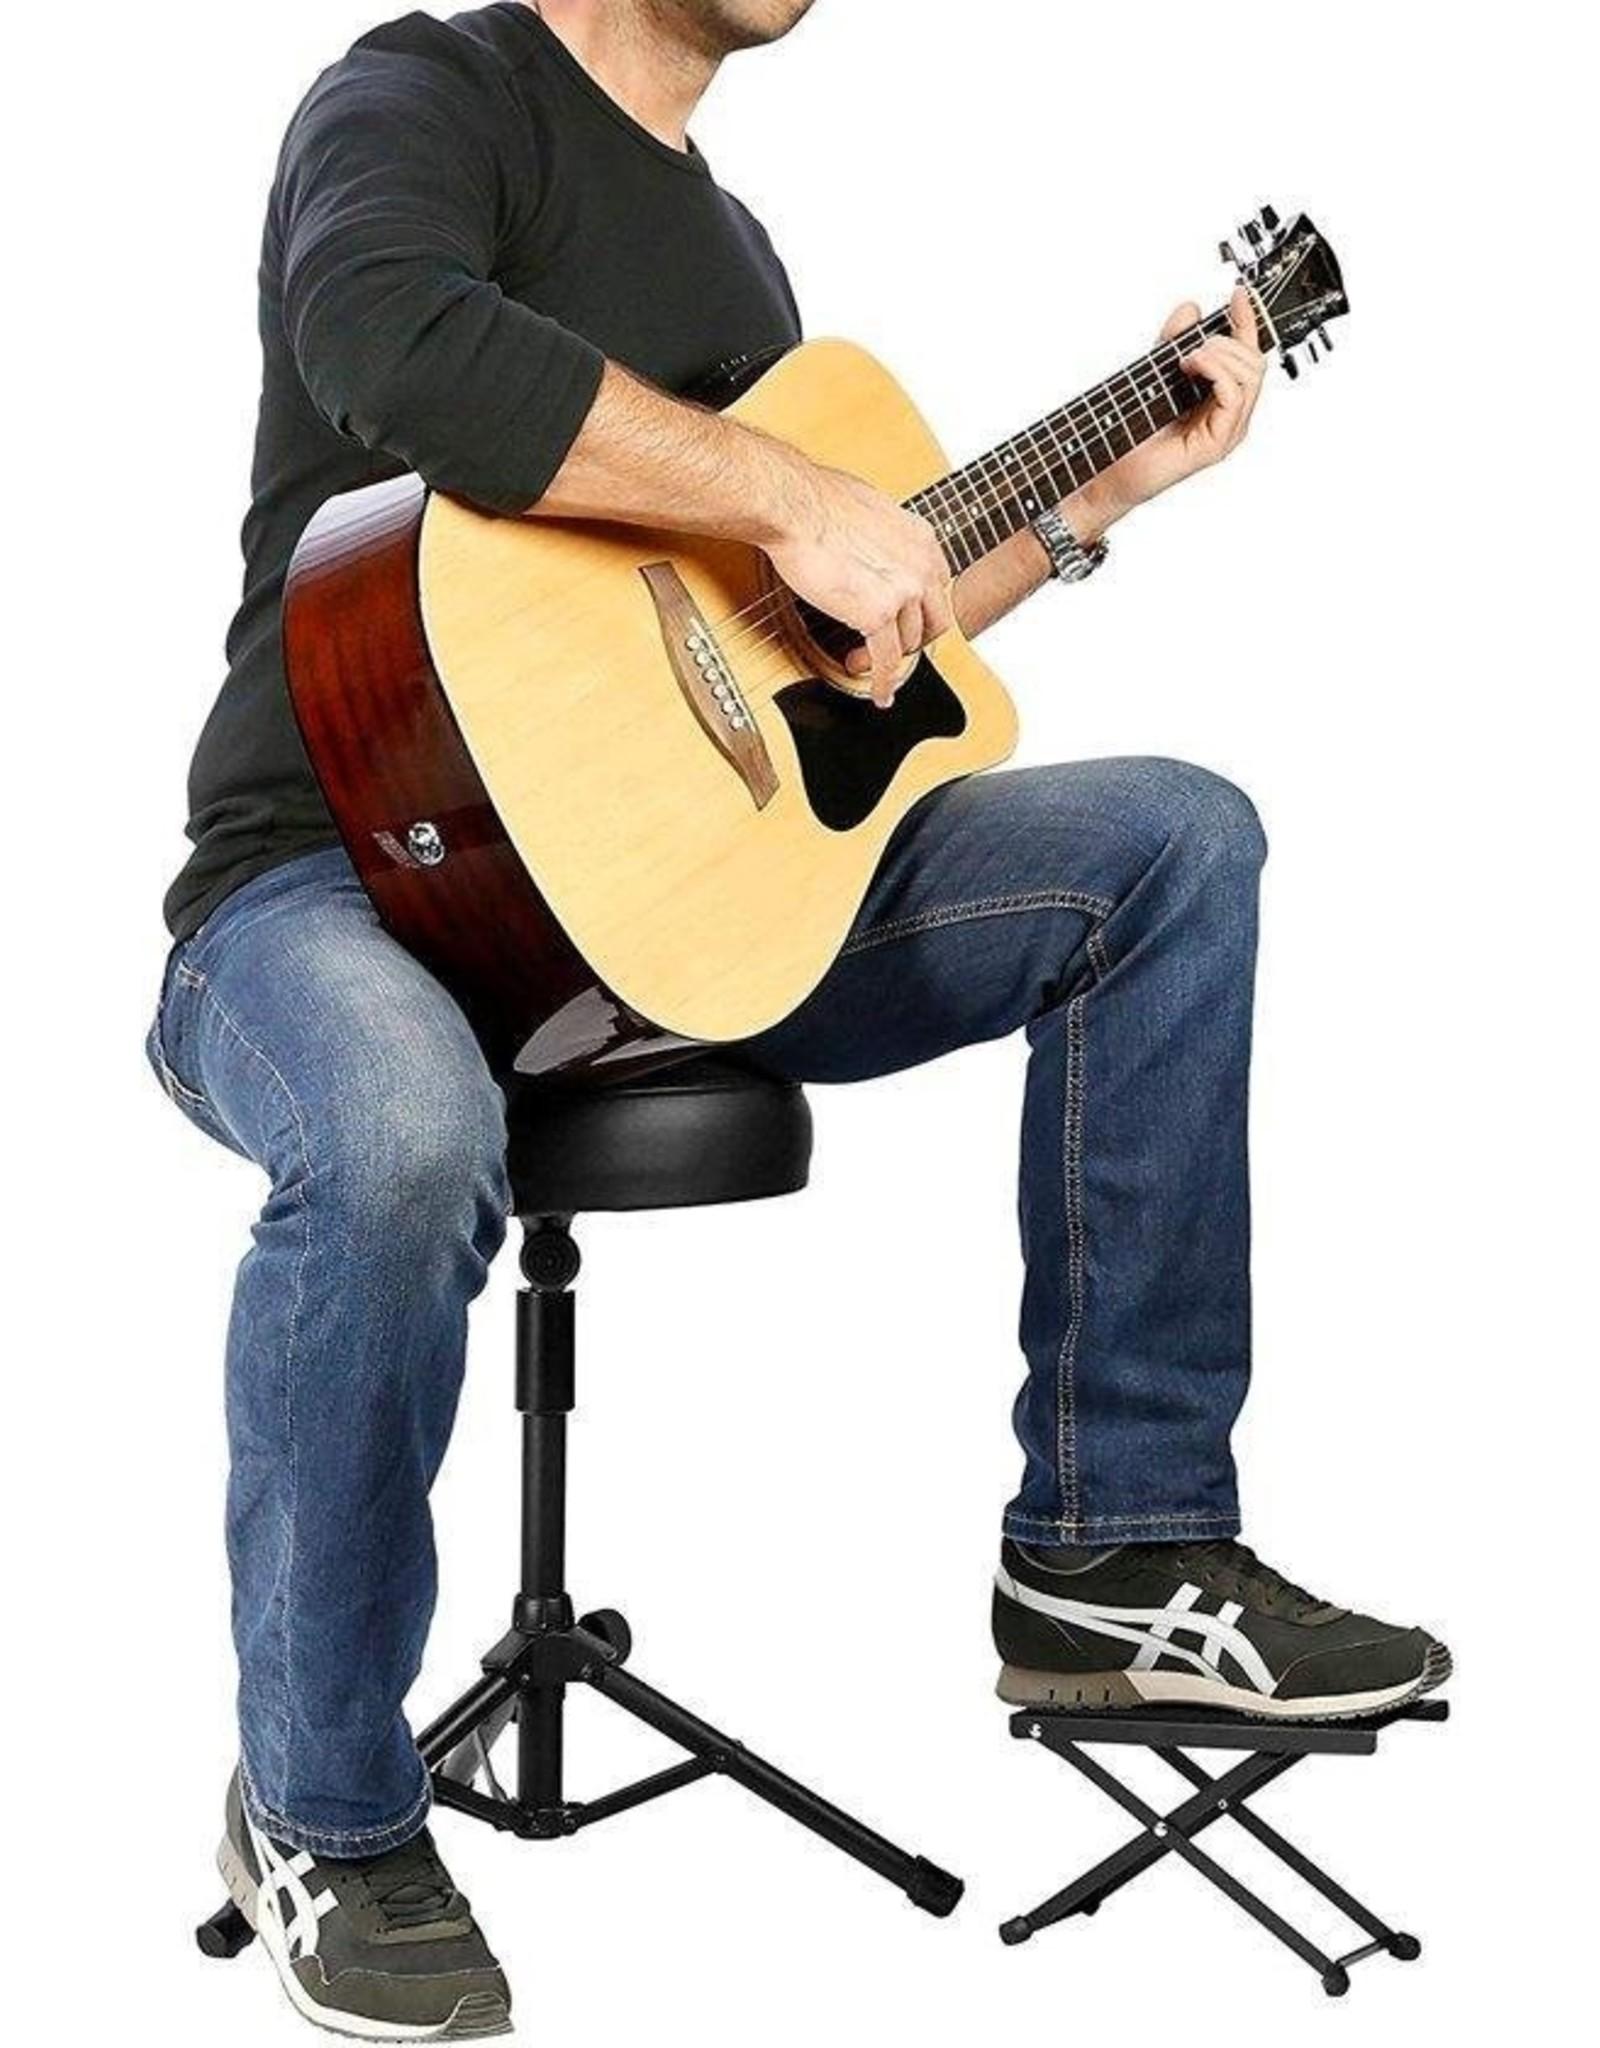 Specter Voetenbankje gitaar - hulpmiddel voor de gitarist.